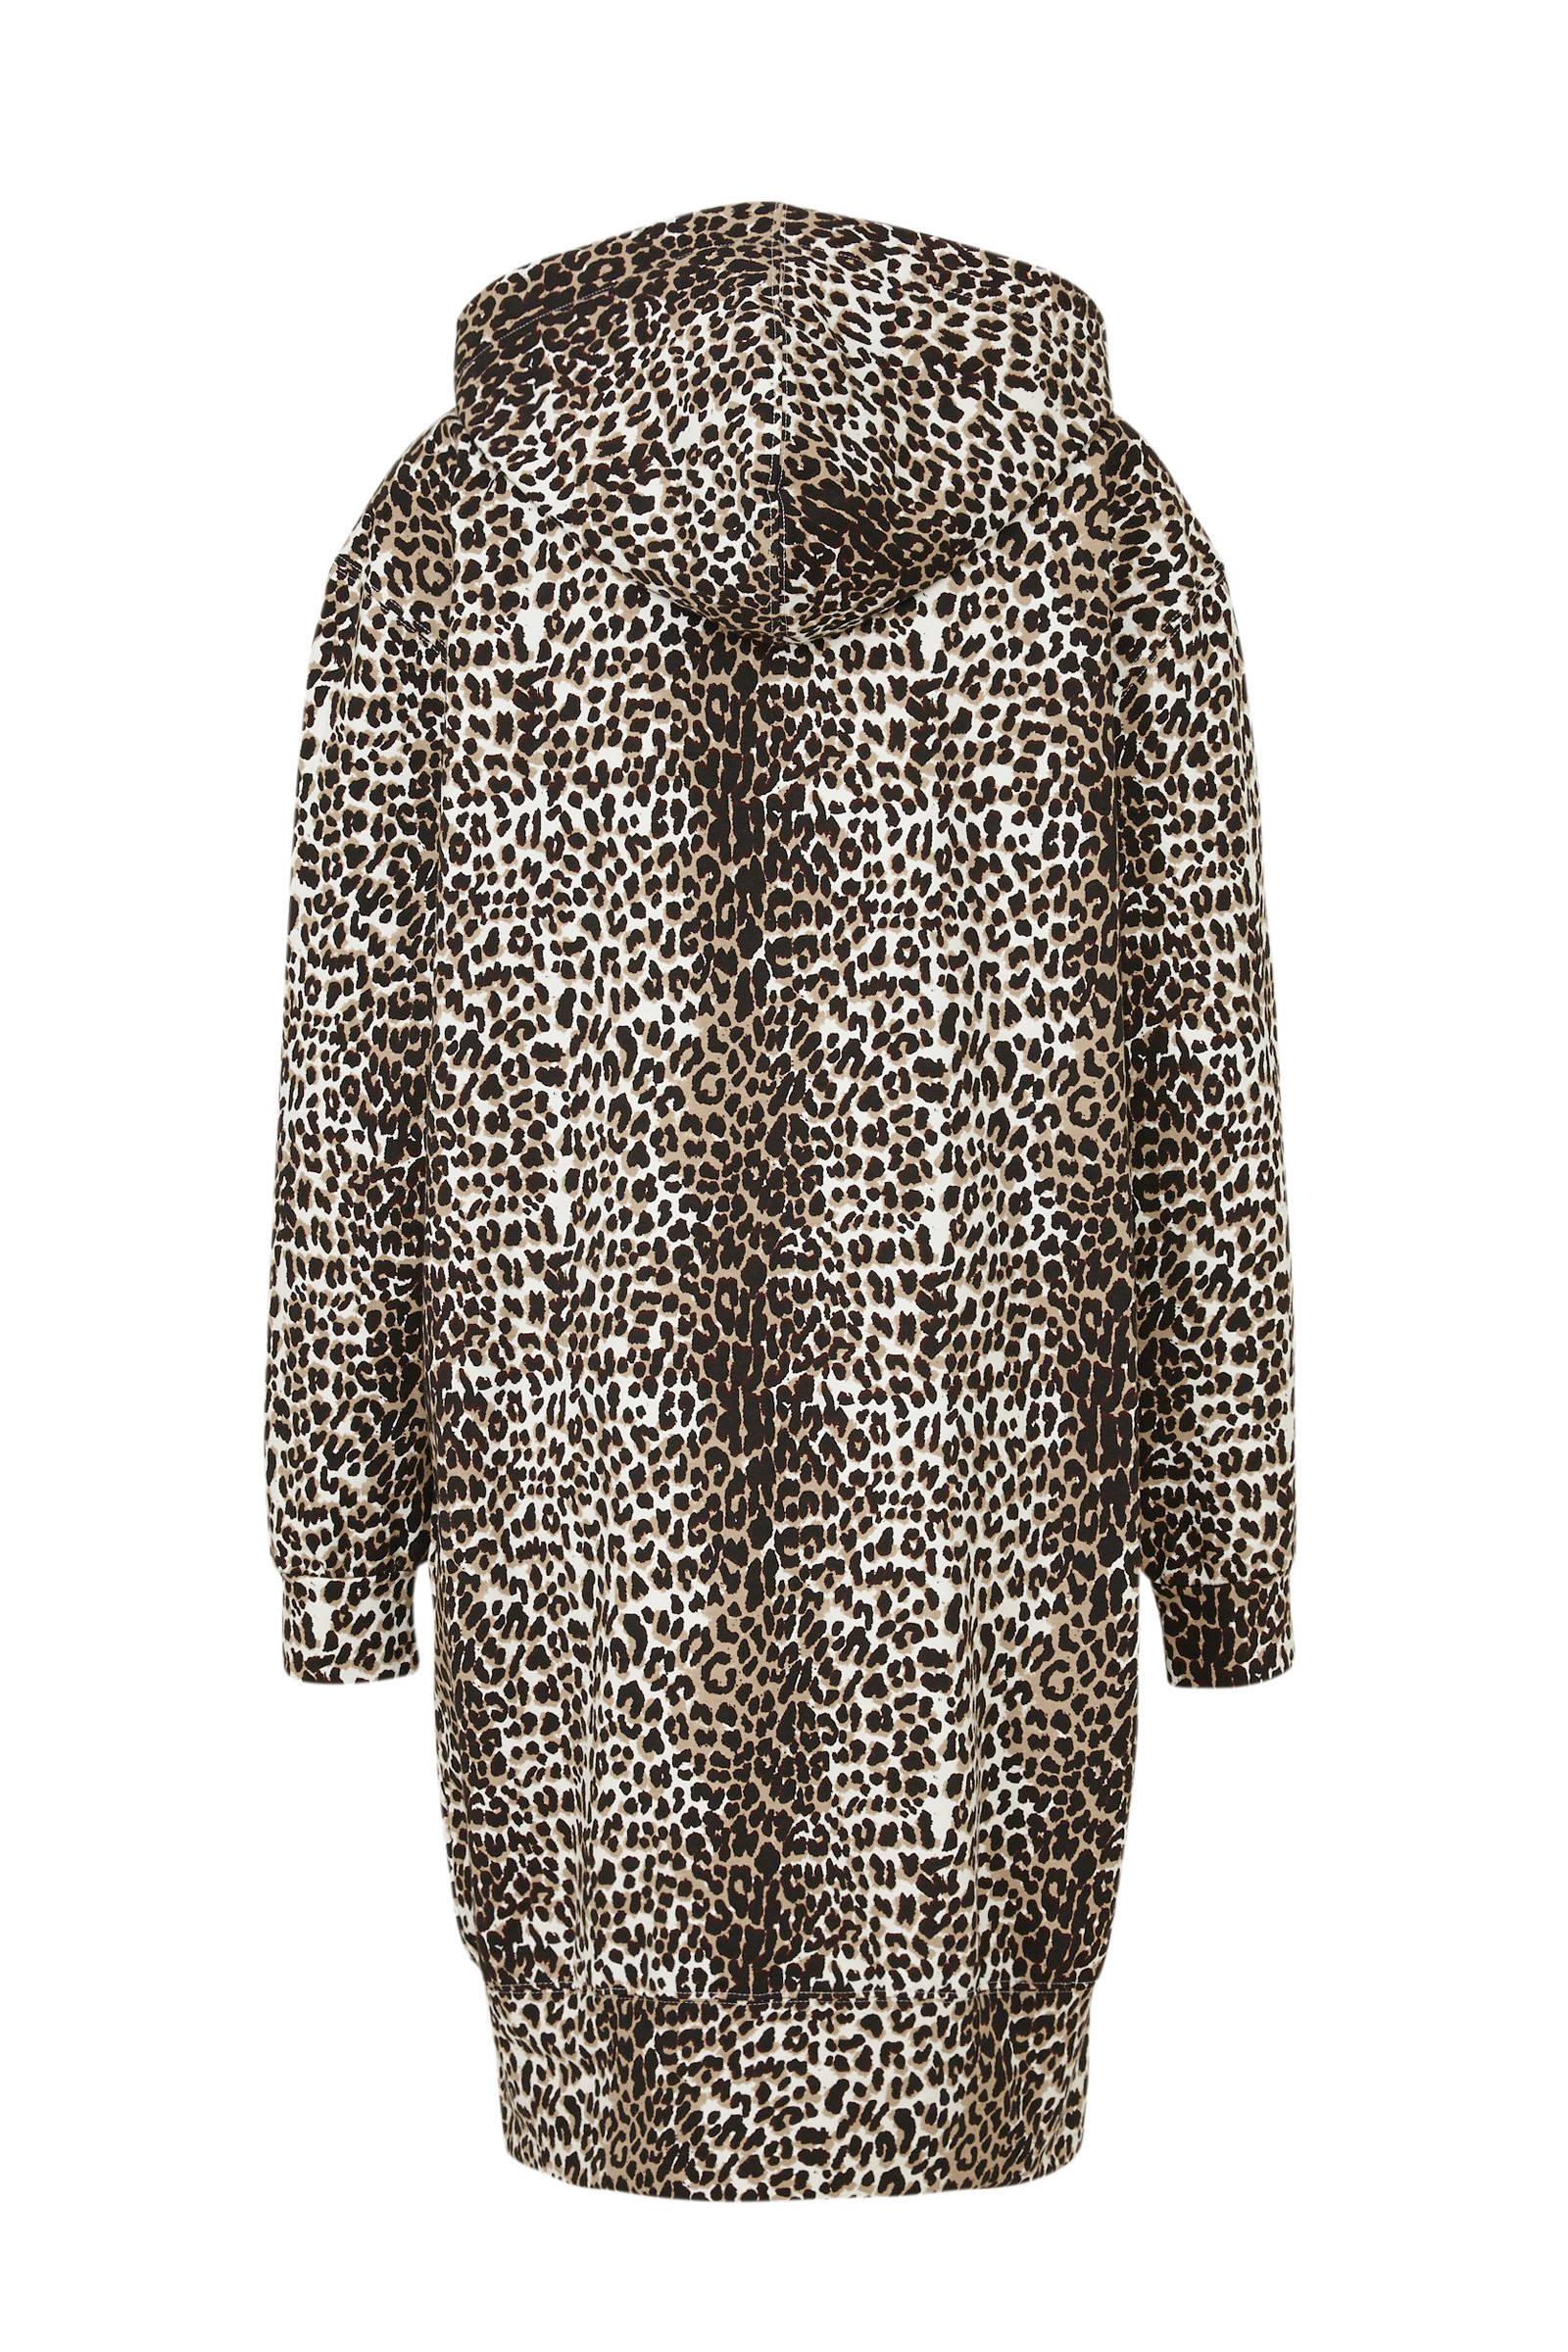 10DAYS vest met panterprint bruin multi